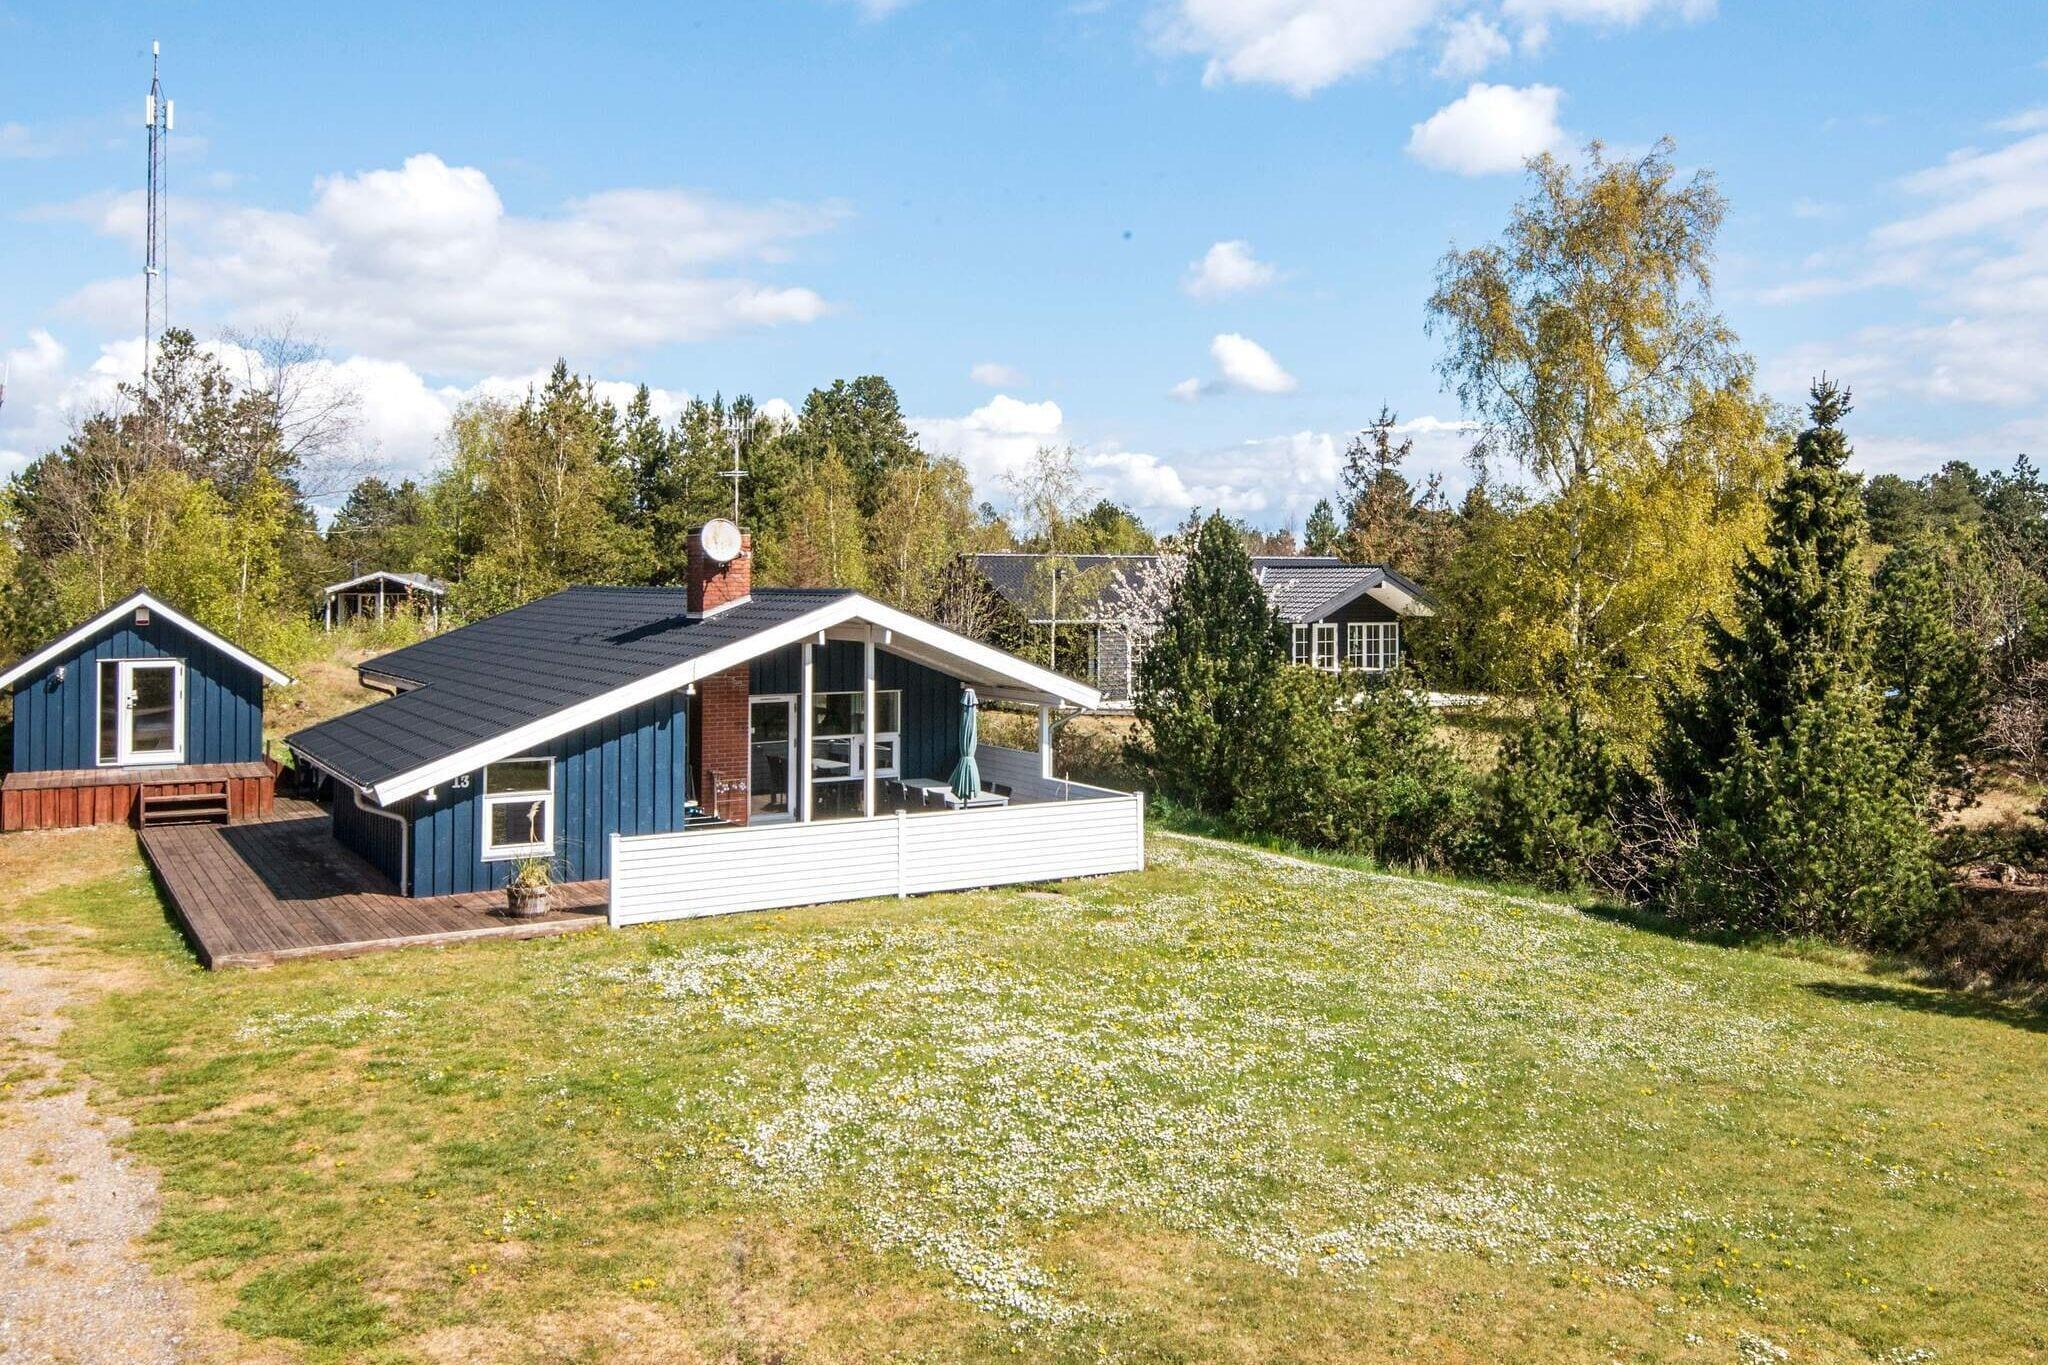 Ferienhaus in Ebeltoft für 9 Personen